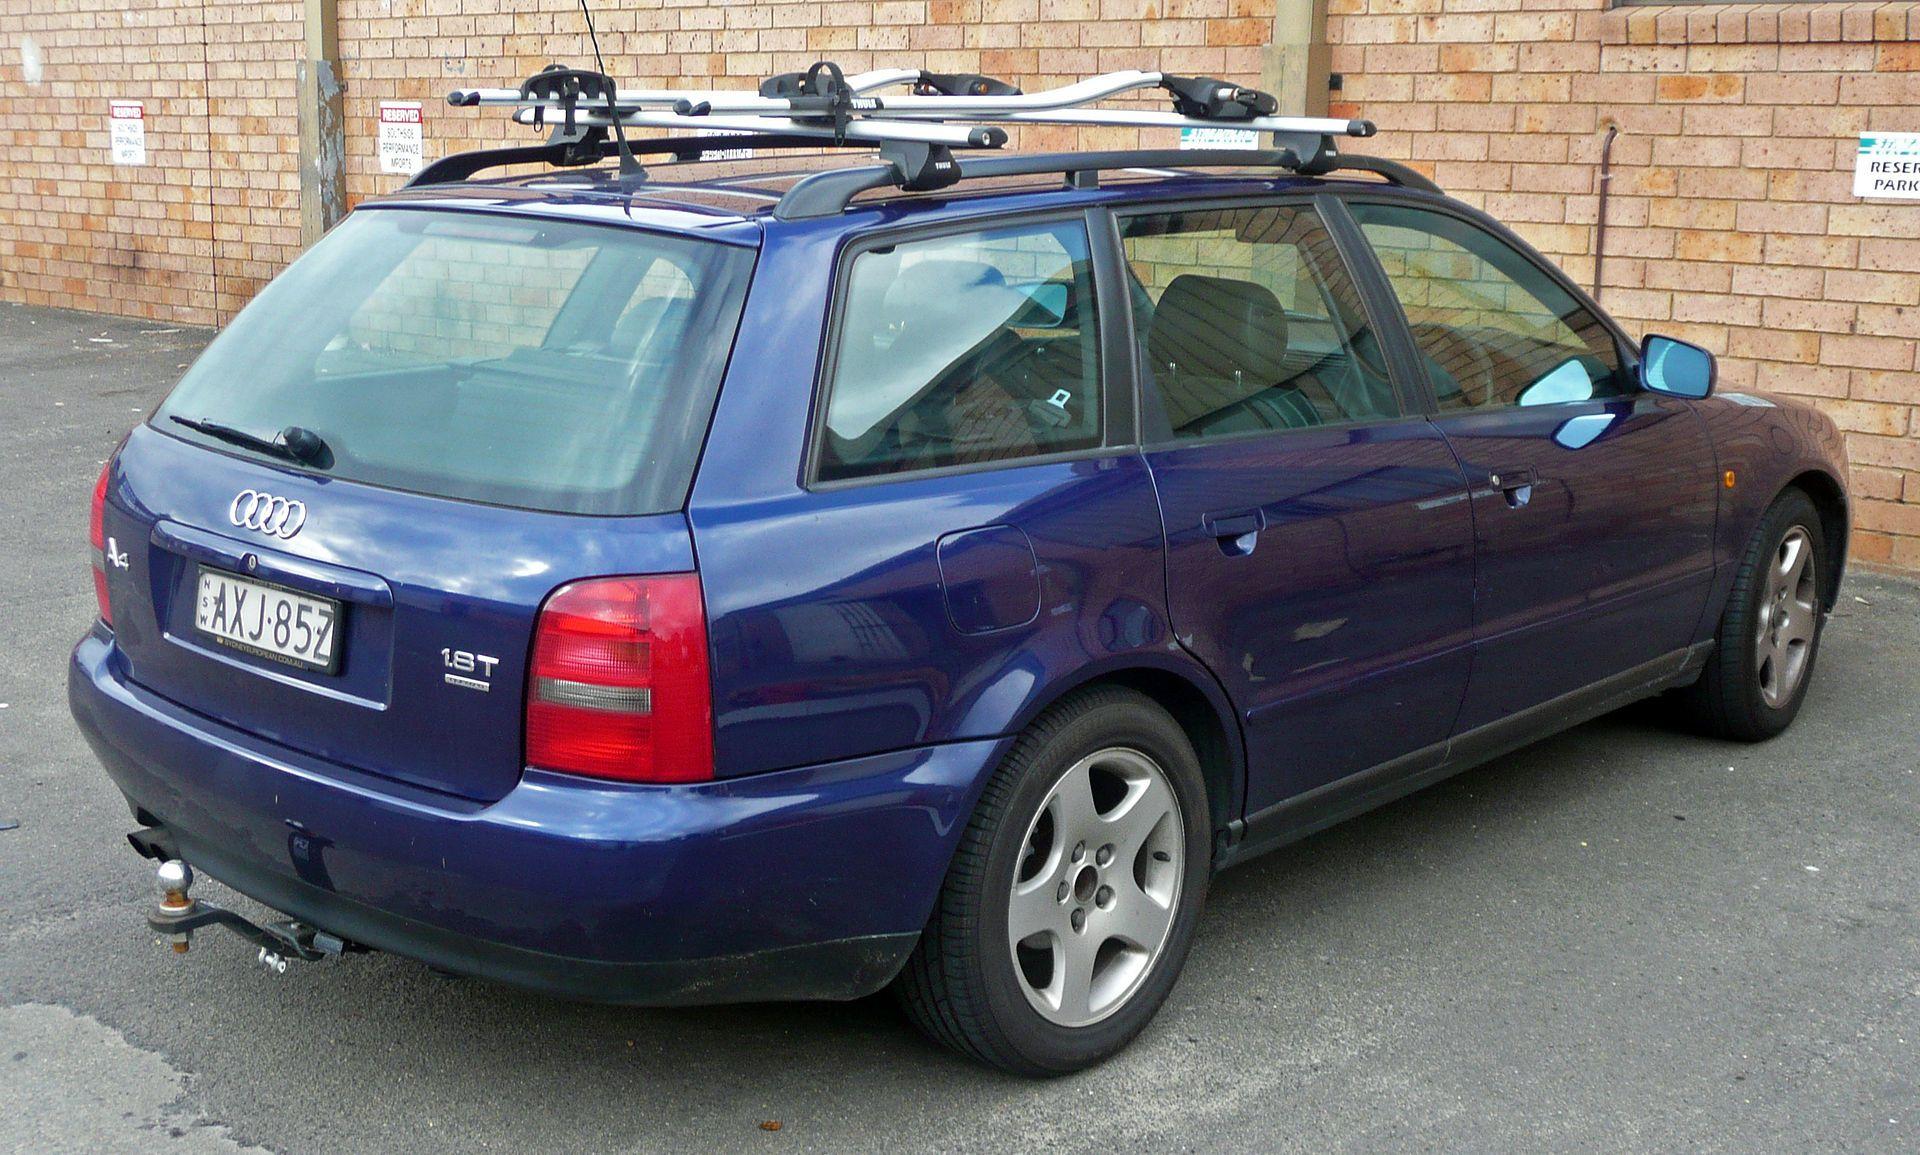 1998 1999 Audi A4 8d 1 8t Quattro Avant 01 Audi A4 Wikipedia Audi A4 Audi Suv